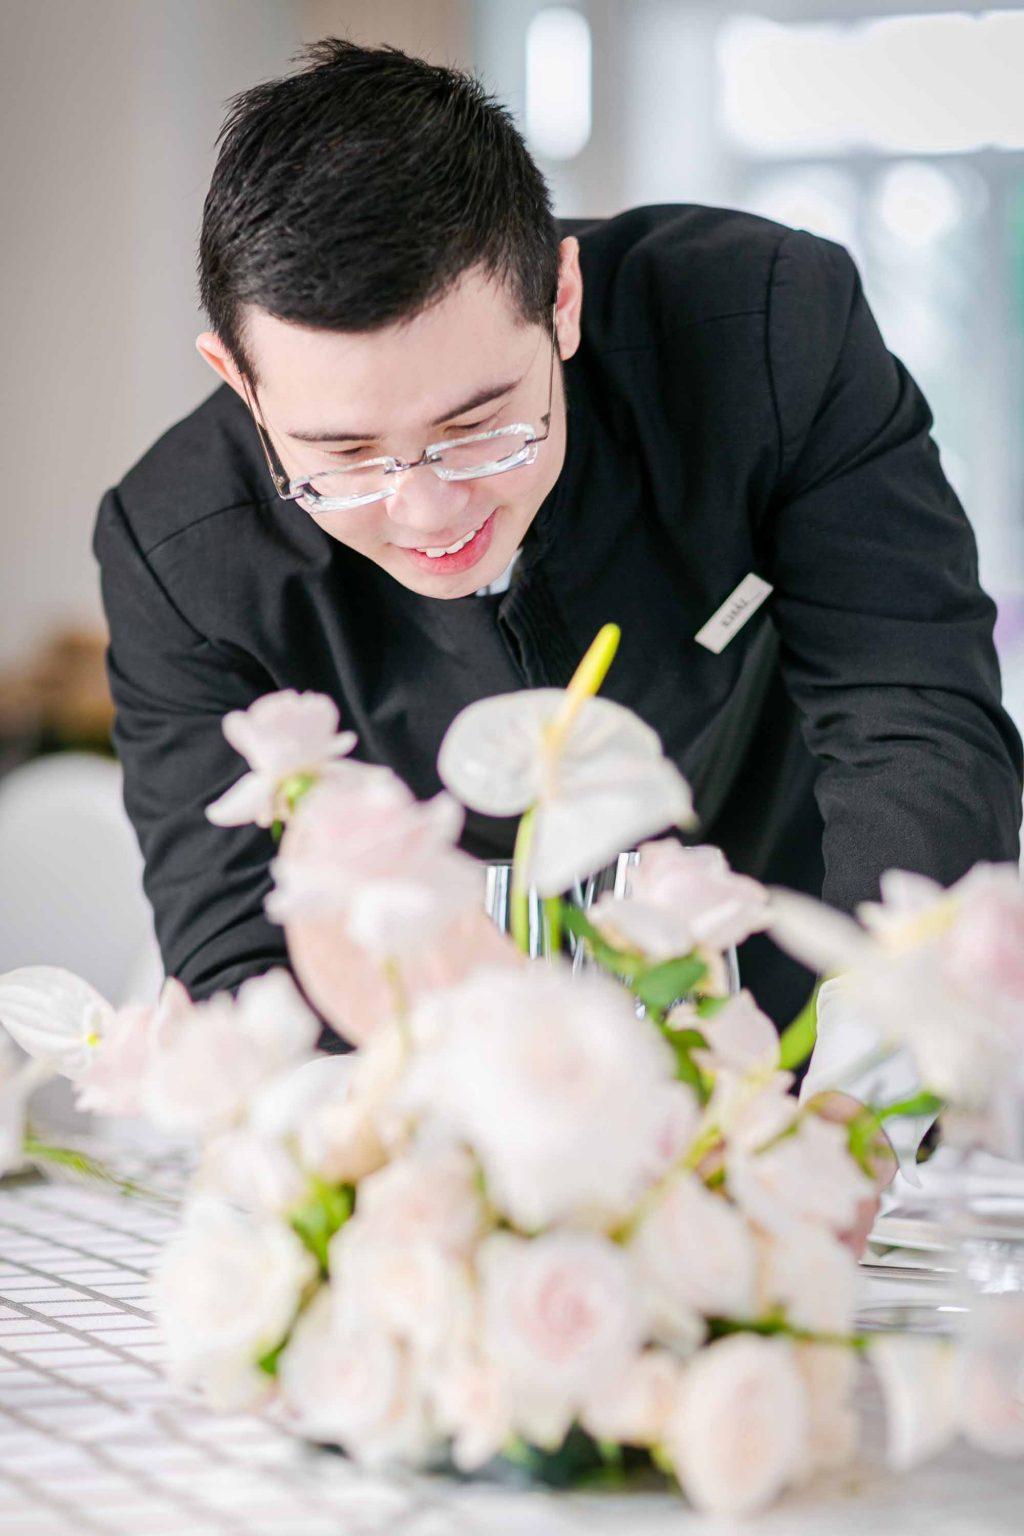 nhân viên trang trí bàn tiệc kỷ niệm ngày cưới